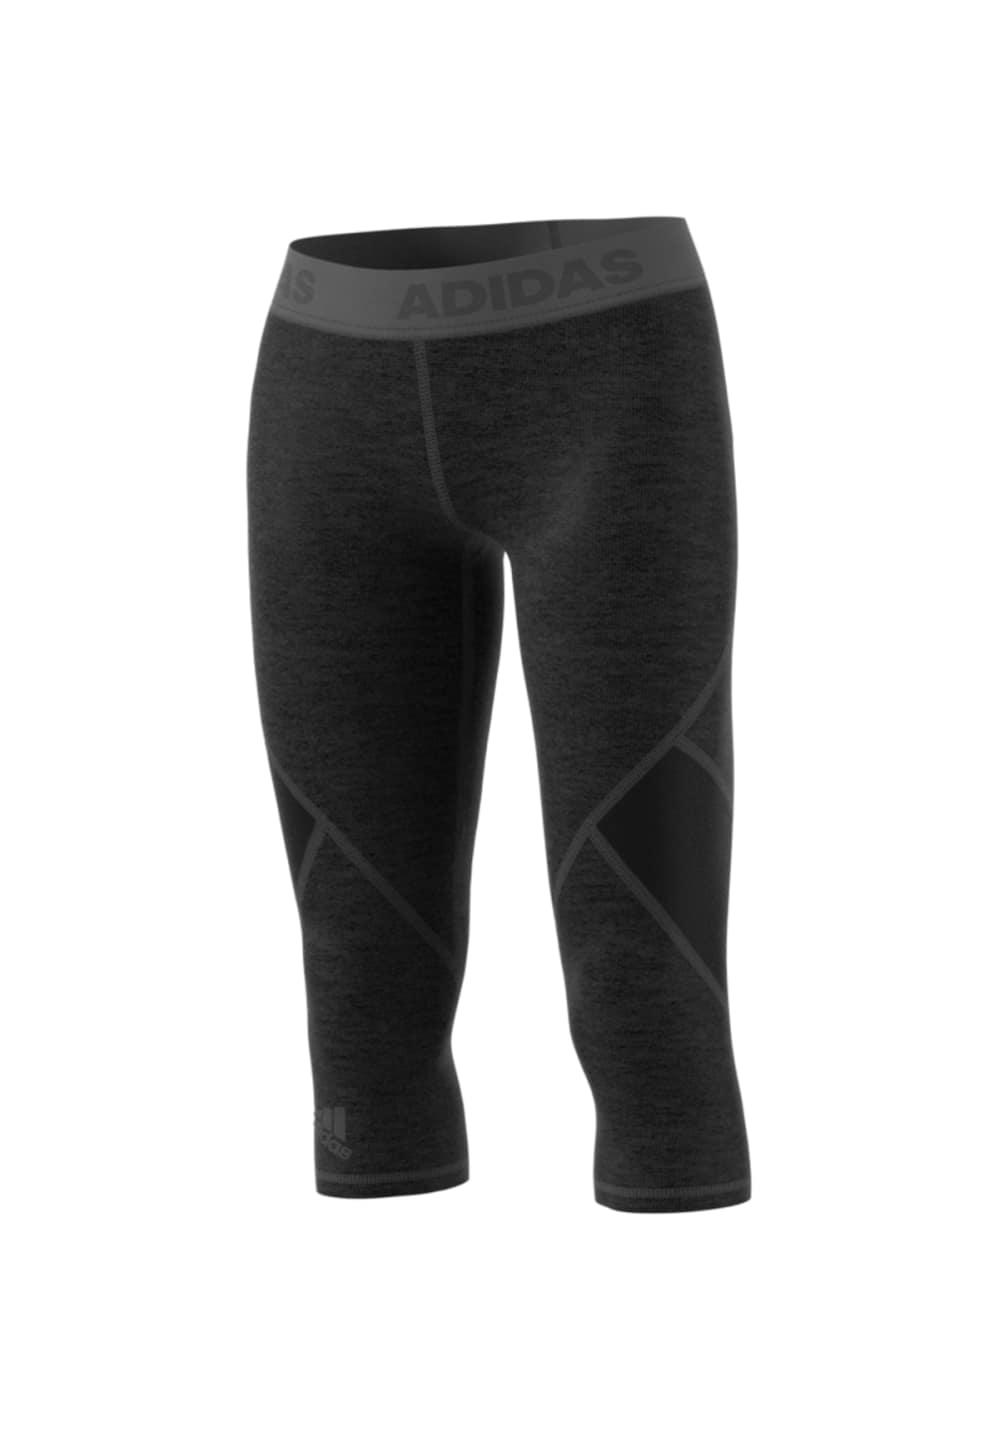 adidas Alphaskin Sprt Tight 34 Heather - Fitnesshosen für Damen - Grau